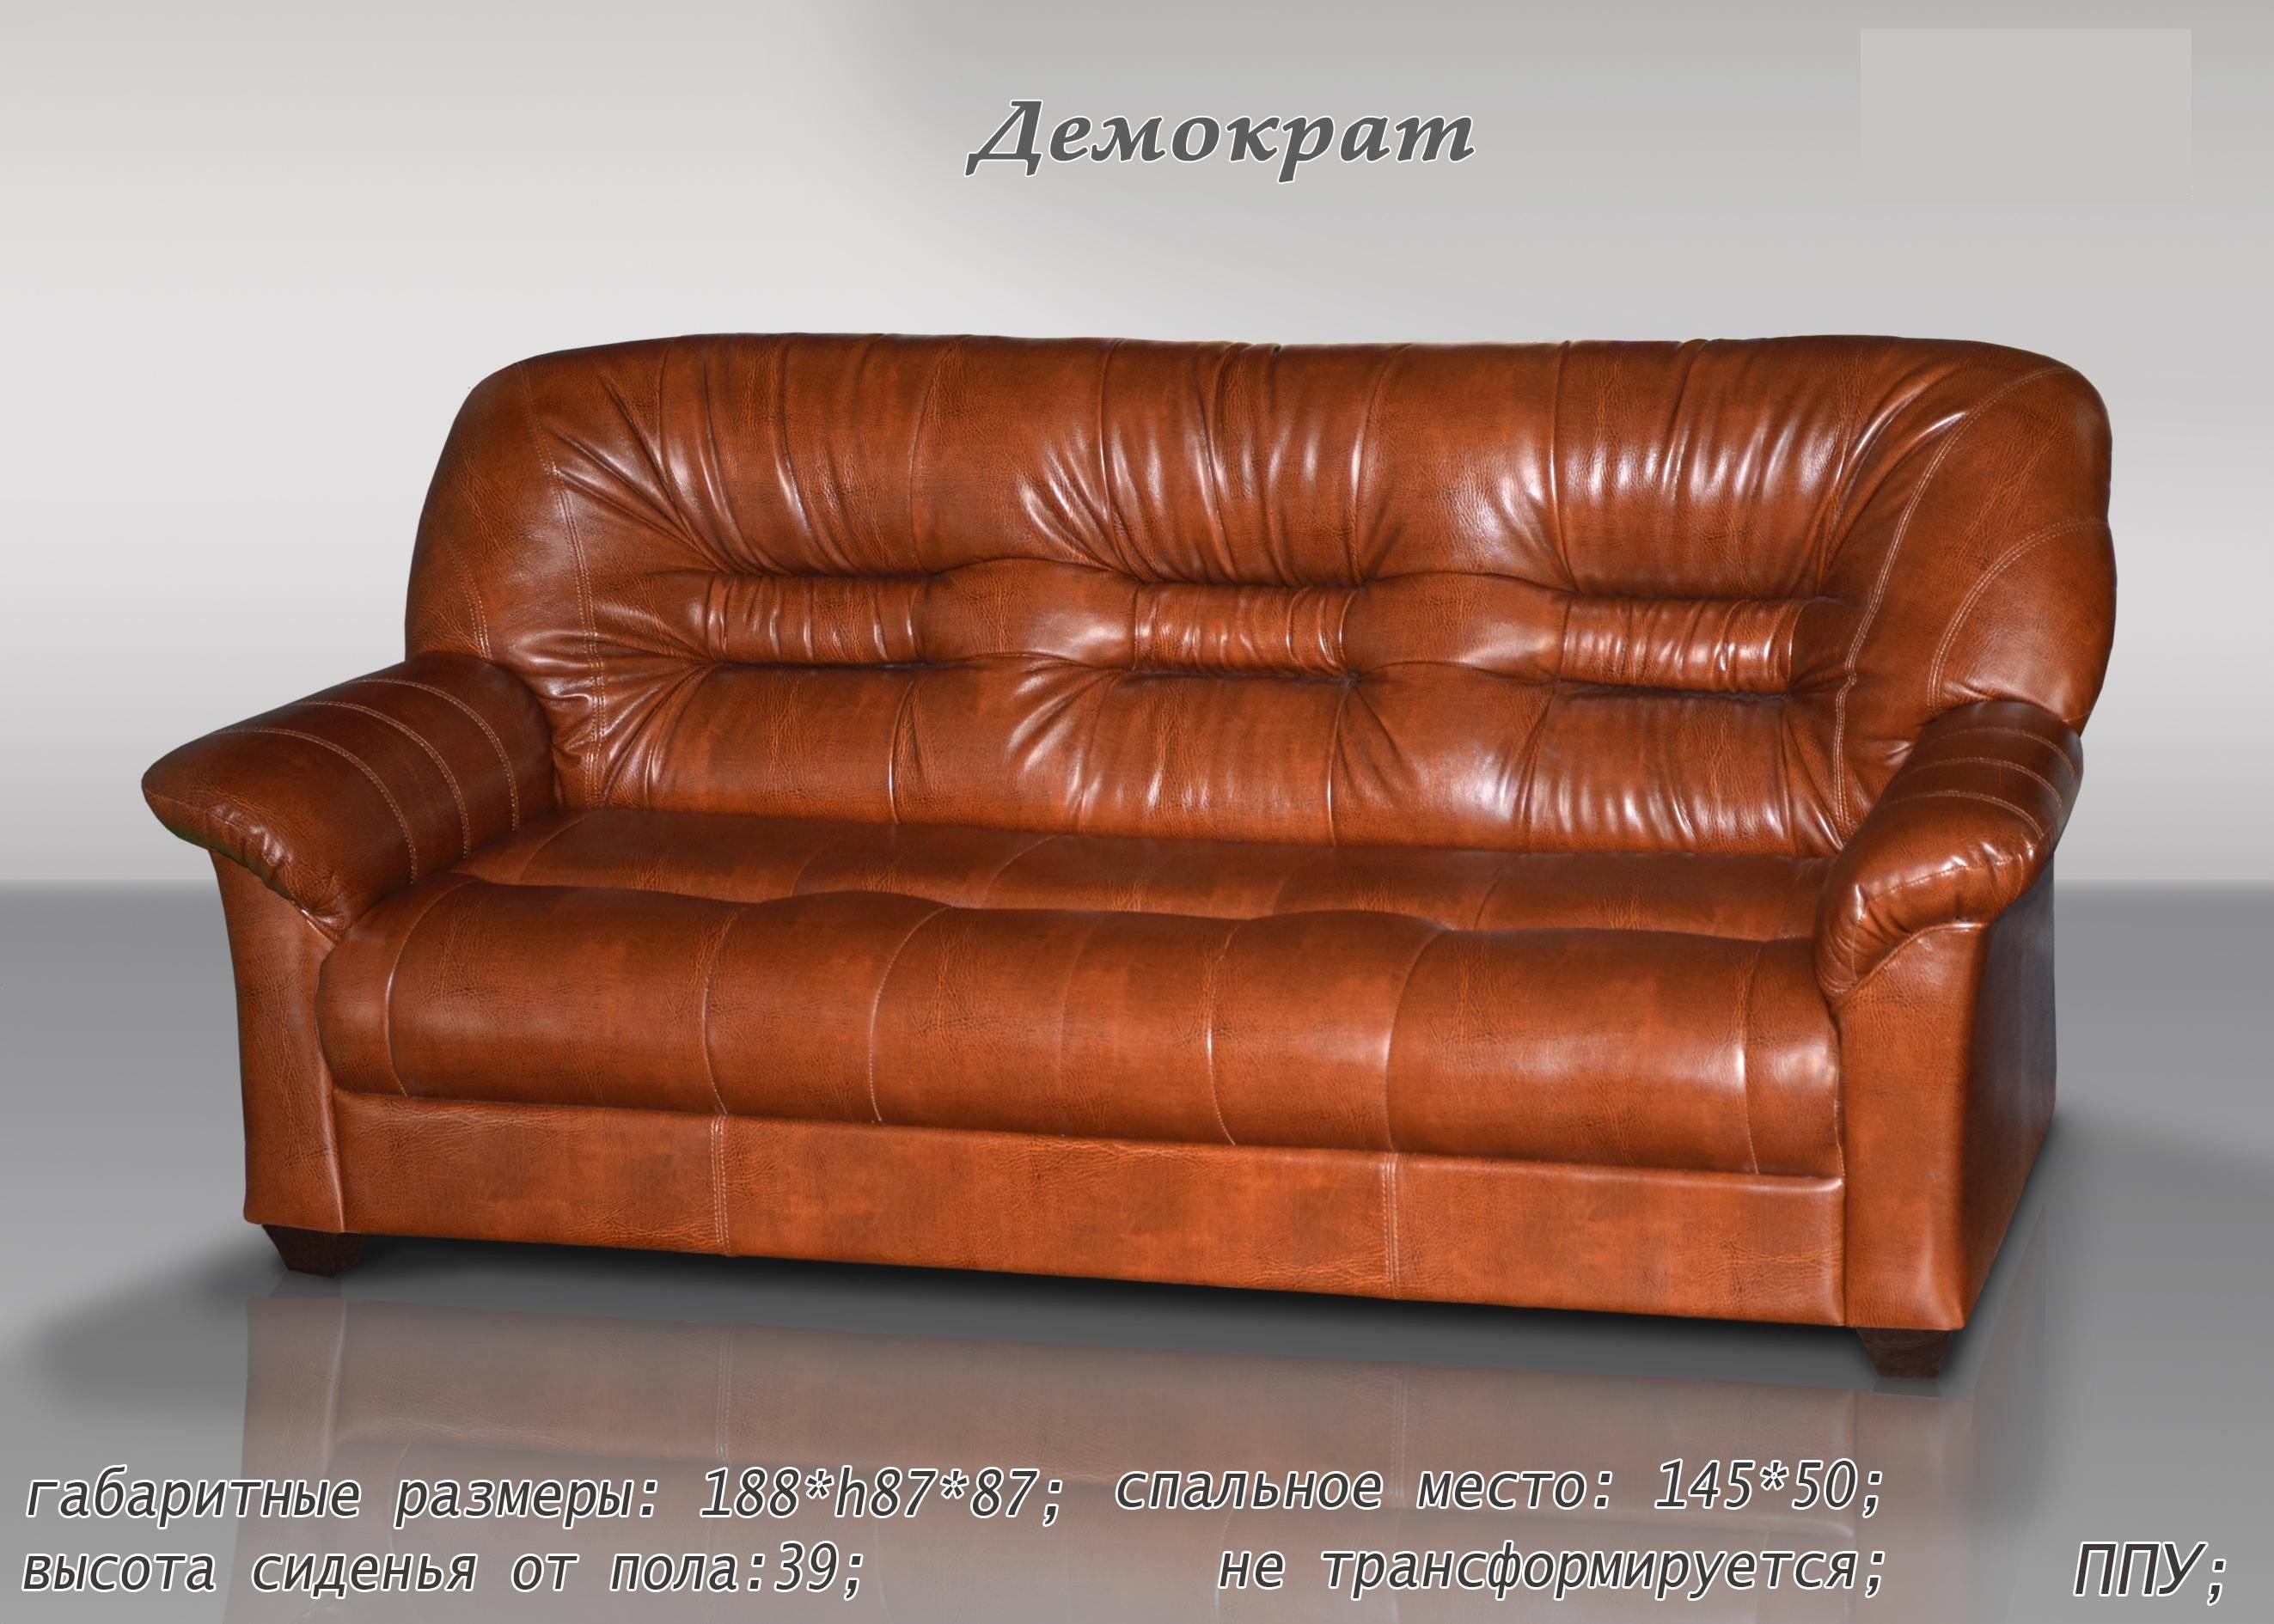 офисный диван демократ купить от 14570 руб в москве недорогая